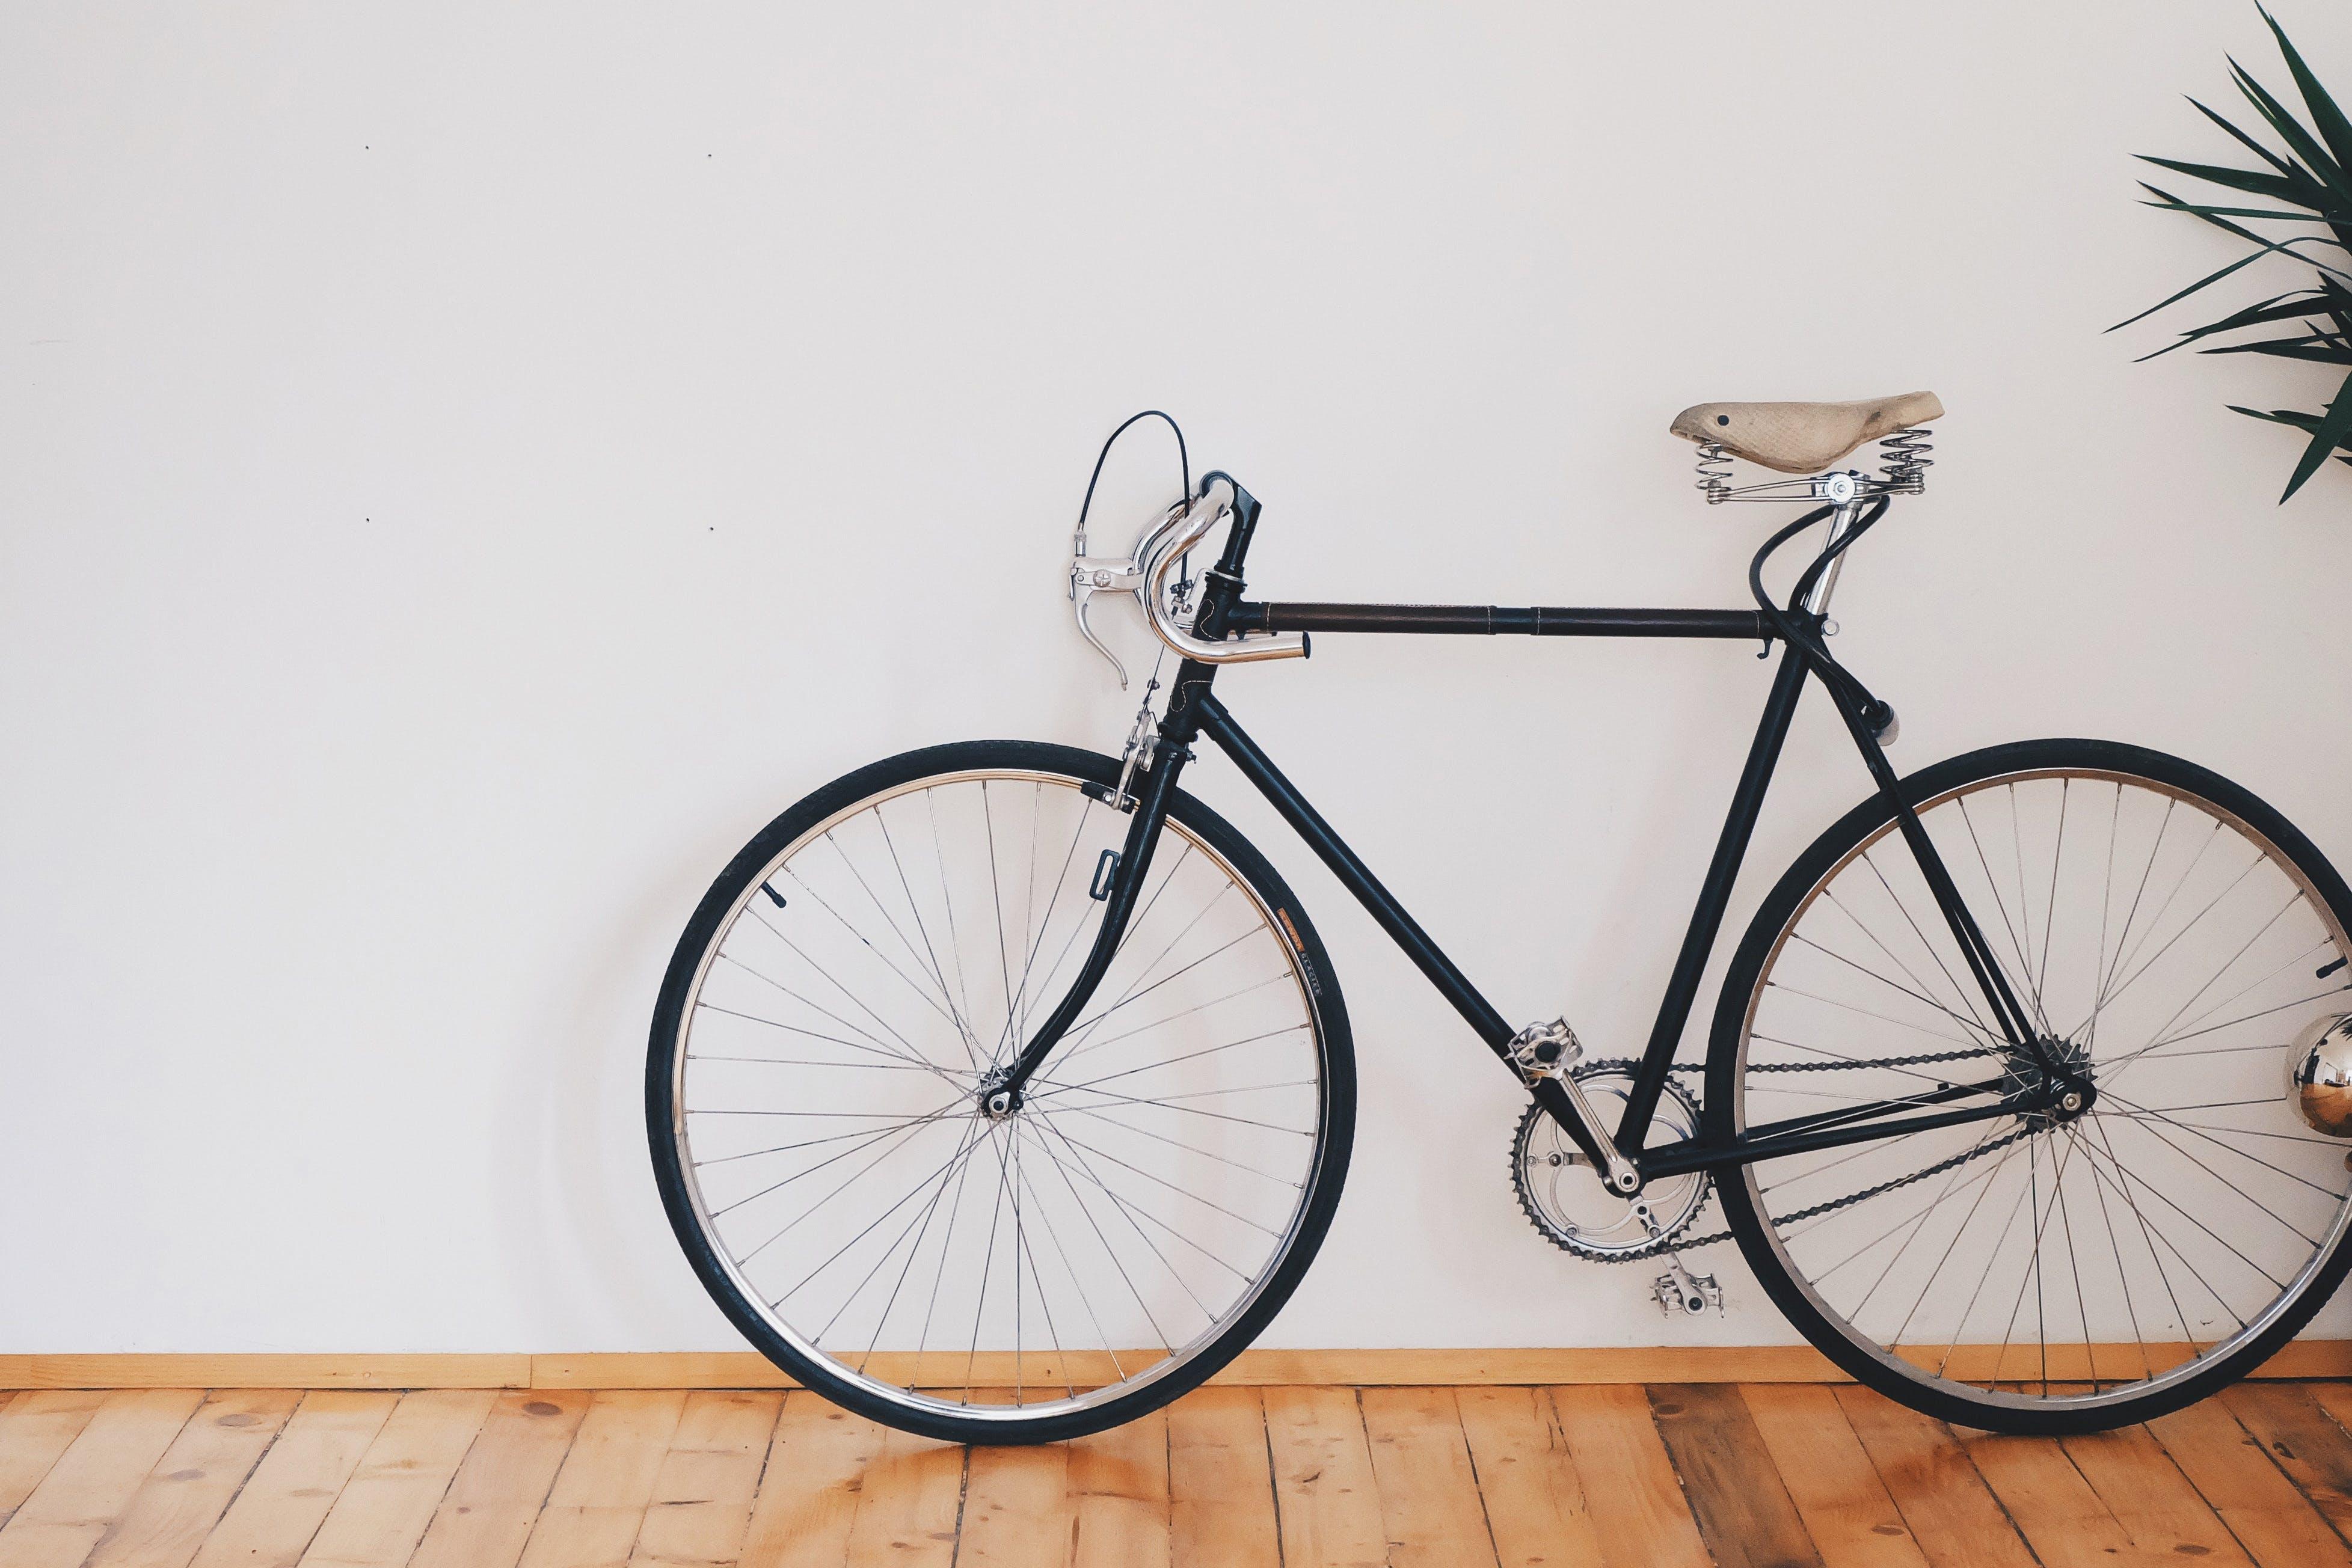 Puisi Tentang Sepeda Baru dibelikan ibu